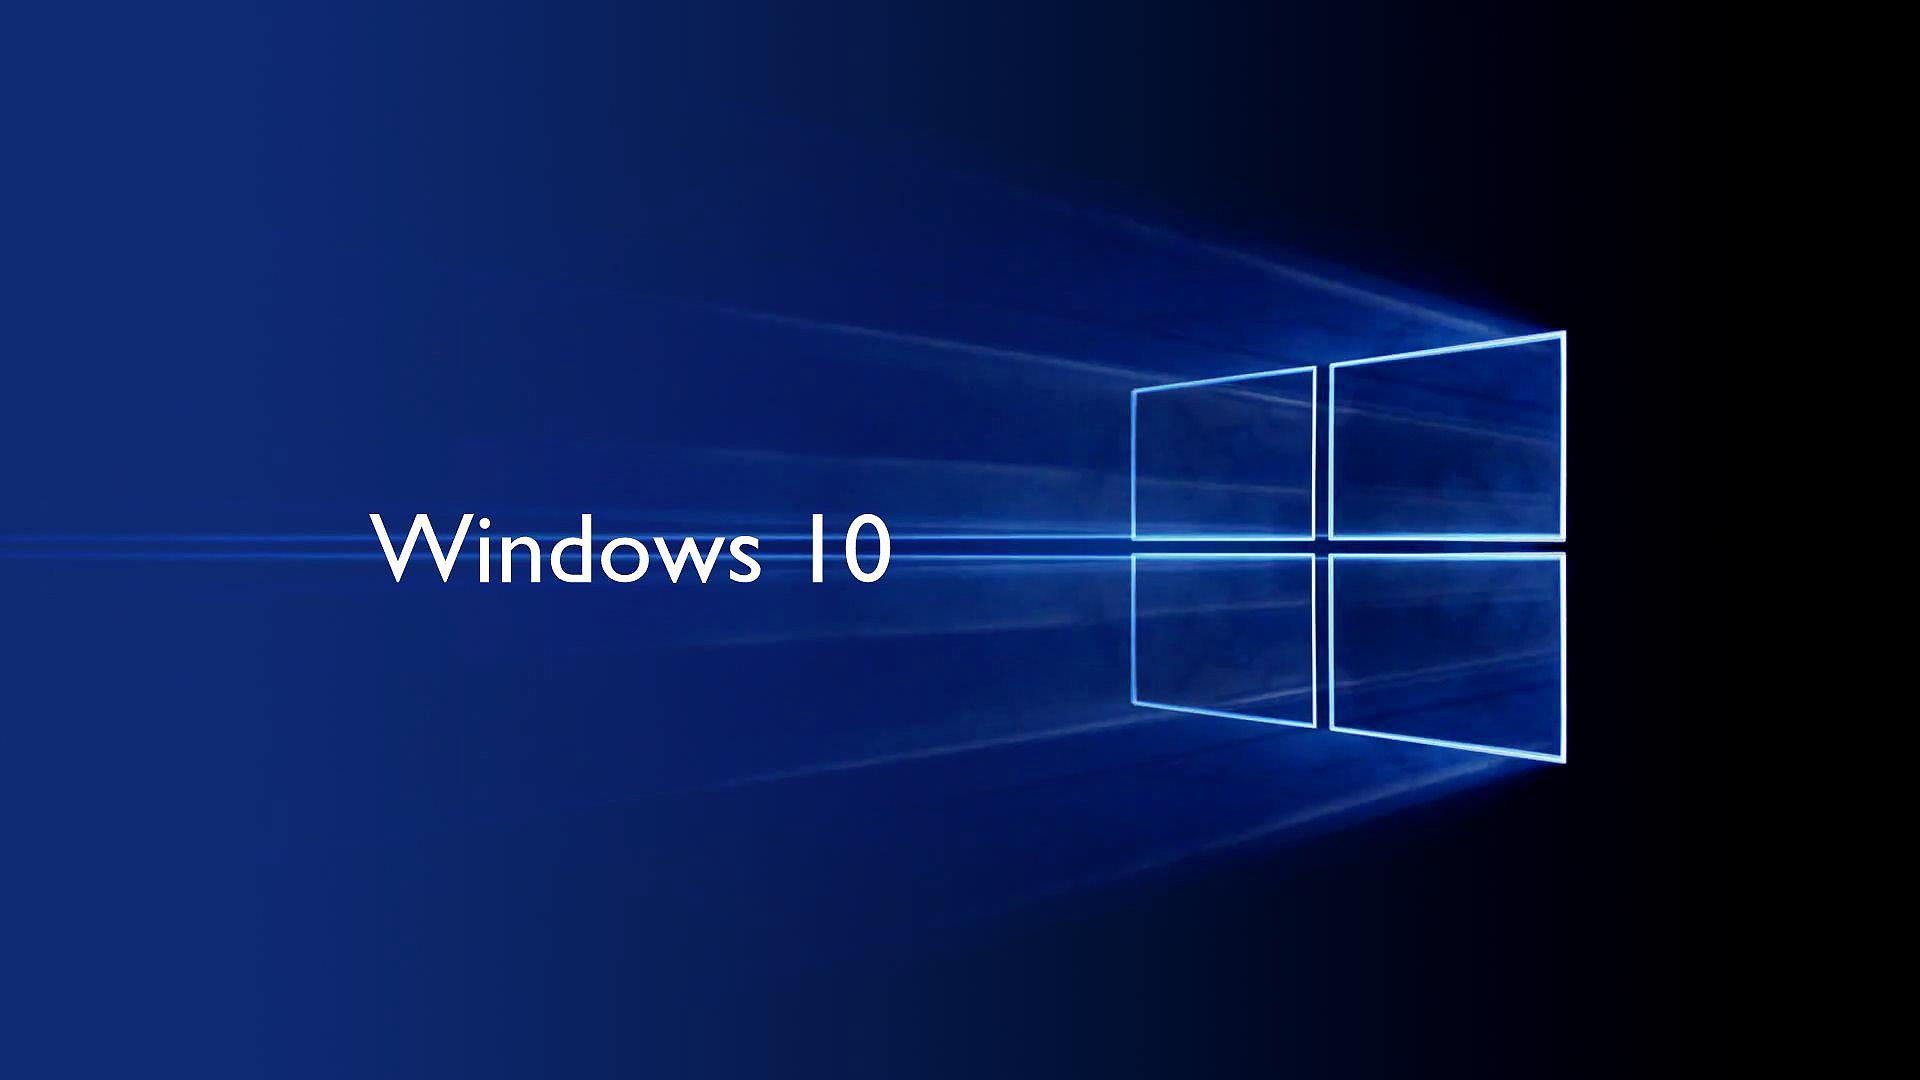 Windows 10 установлена на 60% компьютеров во всём мире